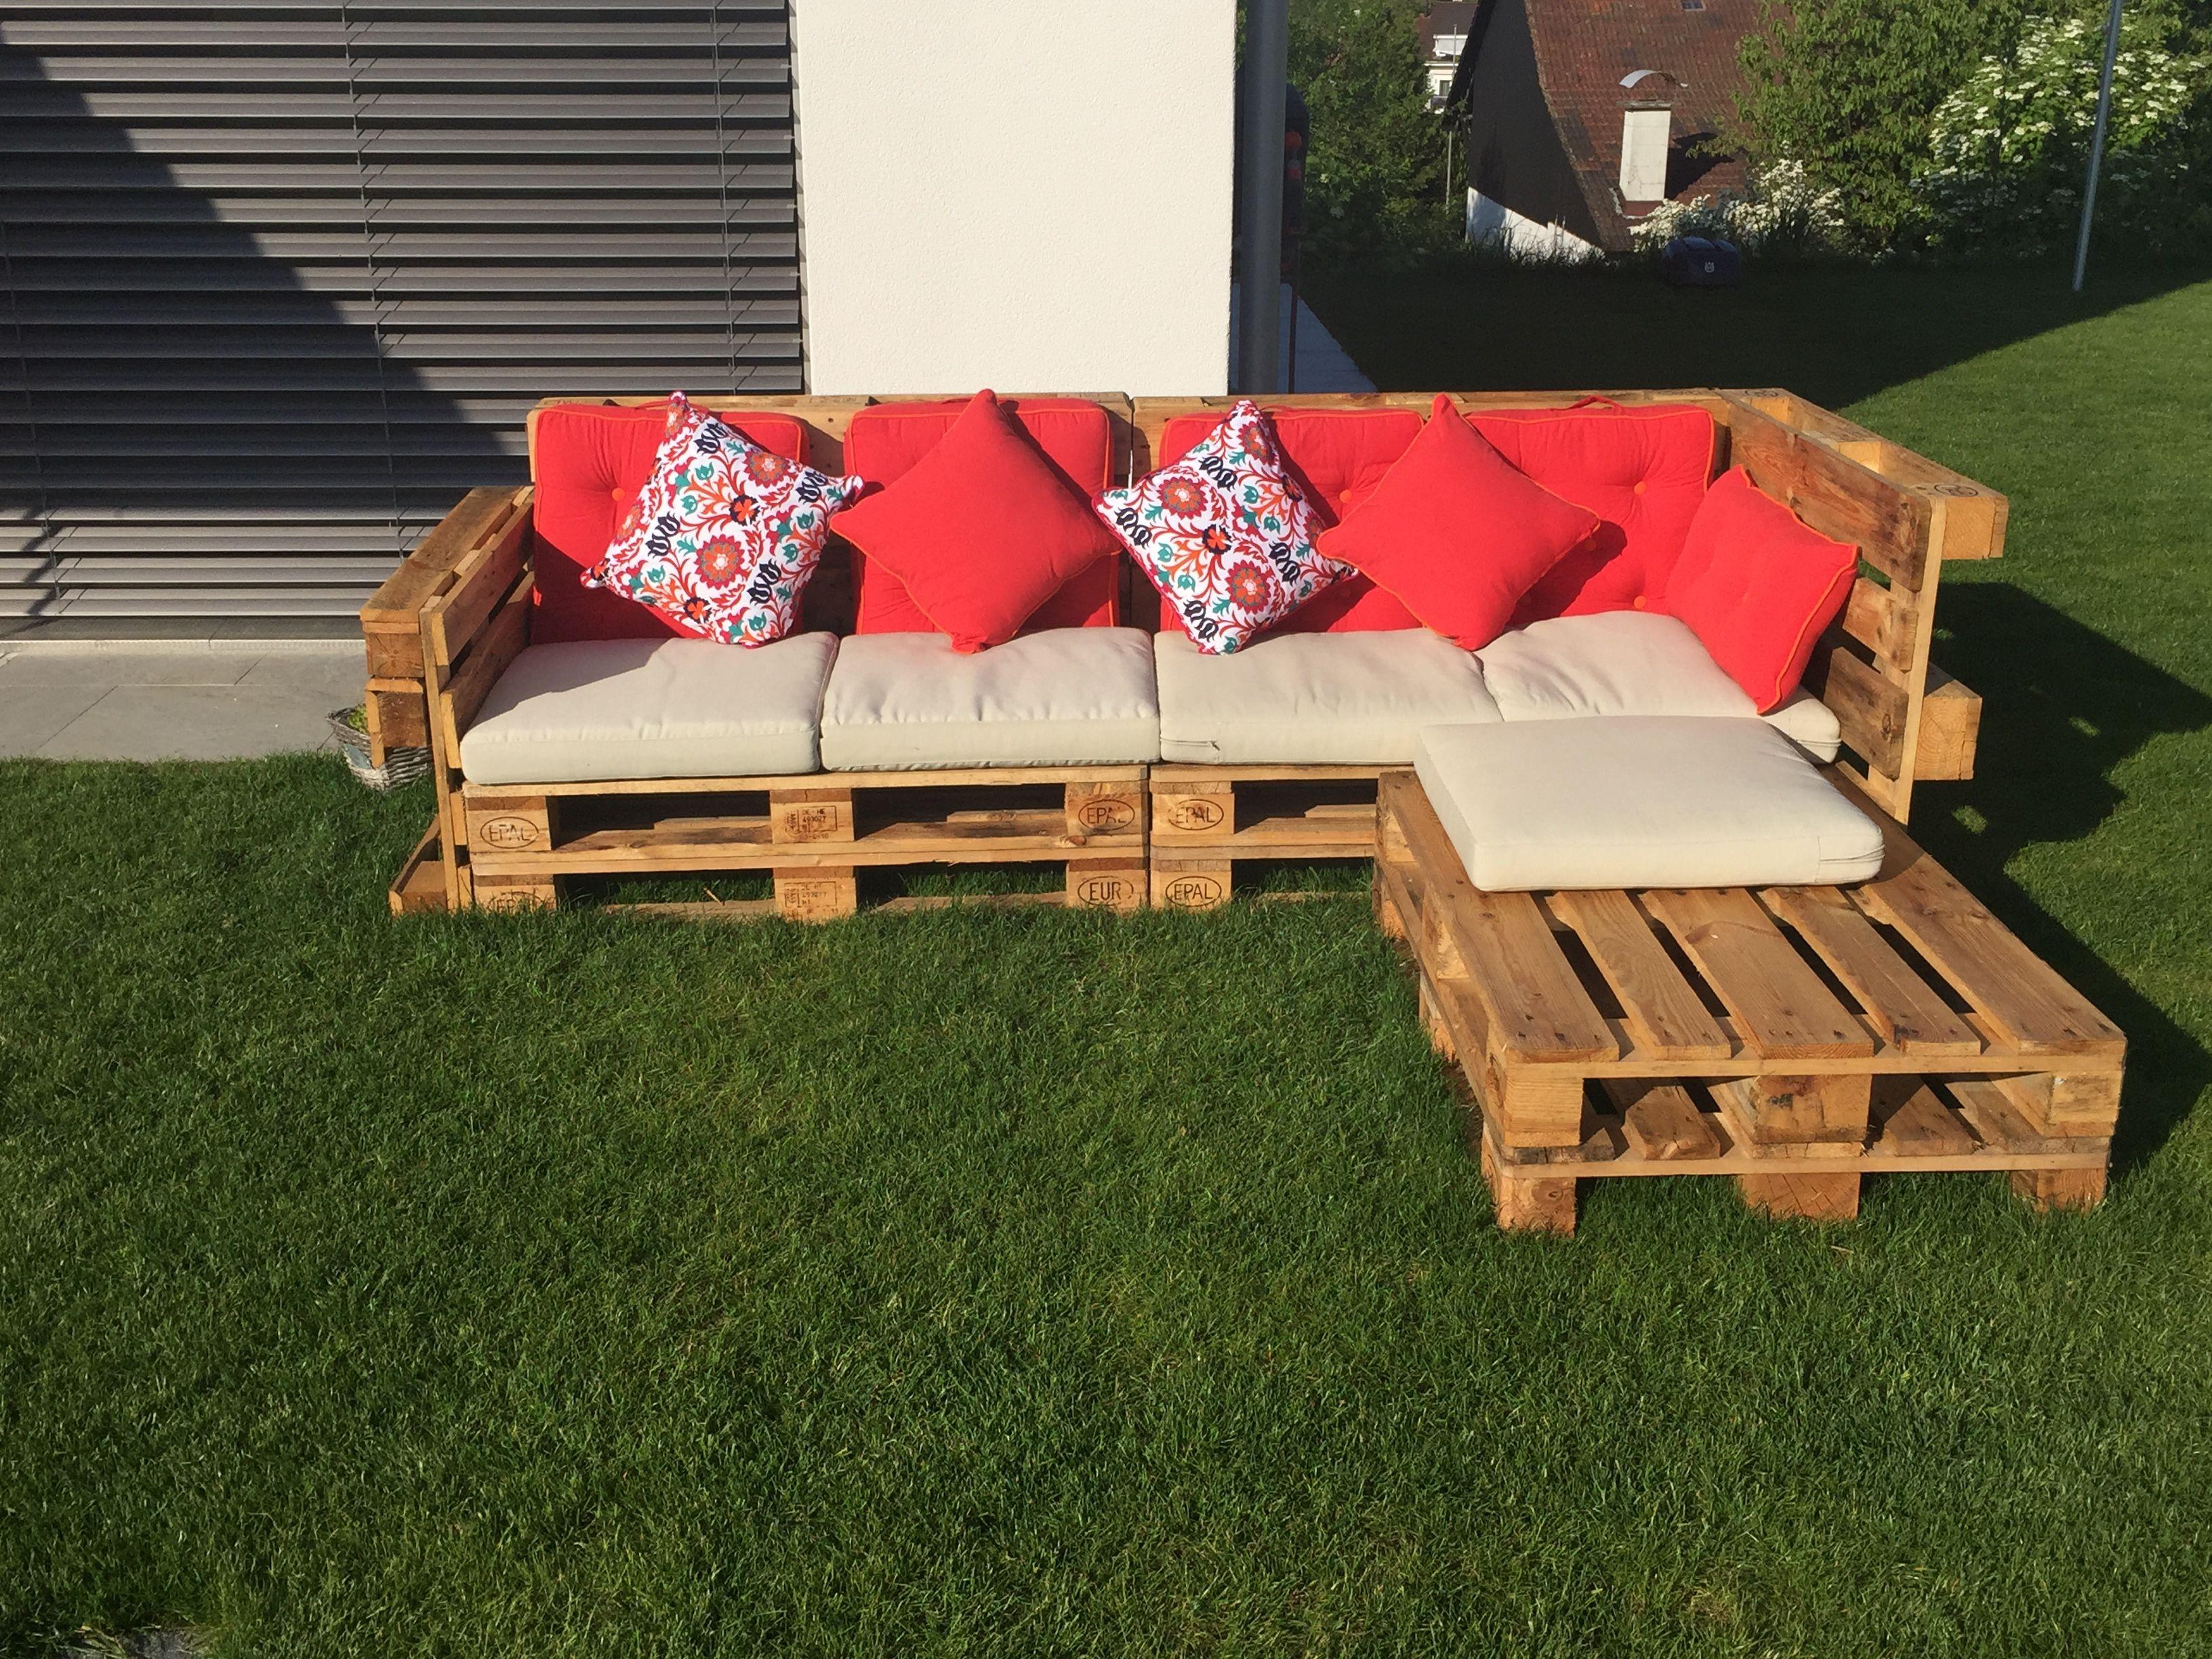 gartenlounge sind cool grad jetzt im sommer ist es toll sich nach feierabend auf eine. Black Bedroom Furniture Sets. Home Design Ideas